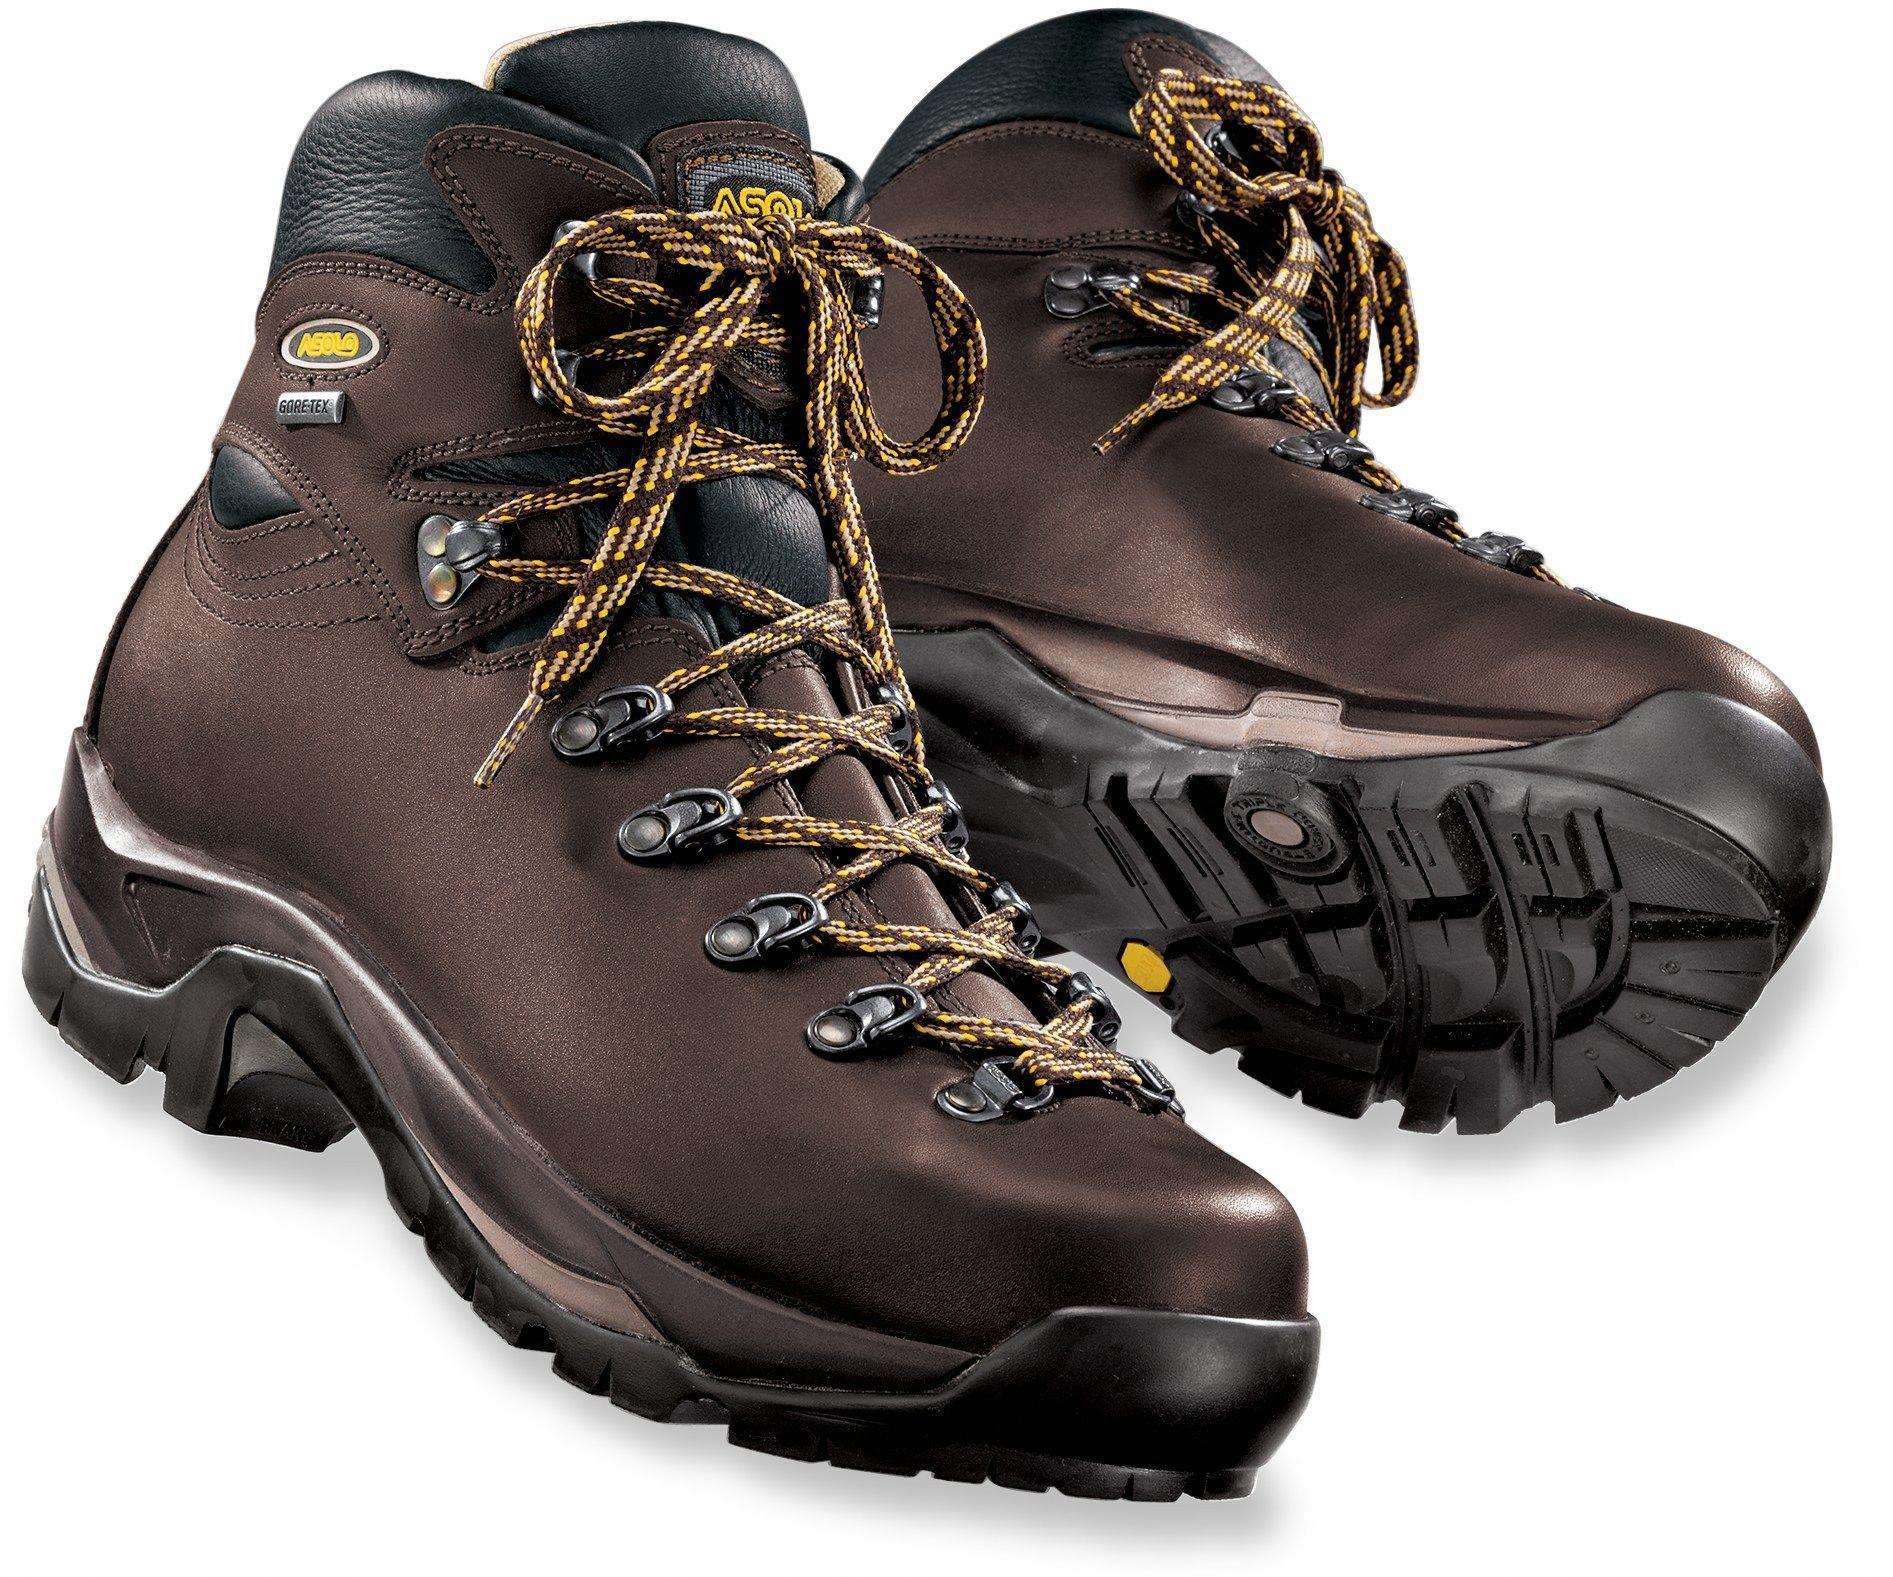 093ce4ac-cf2e-4562-b411-56d76b8519d4 #summerhikingboots in 2020   Mens  hiking boots, Best hiking shoes, Best hiking boots